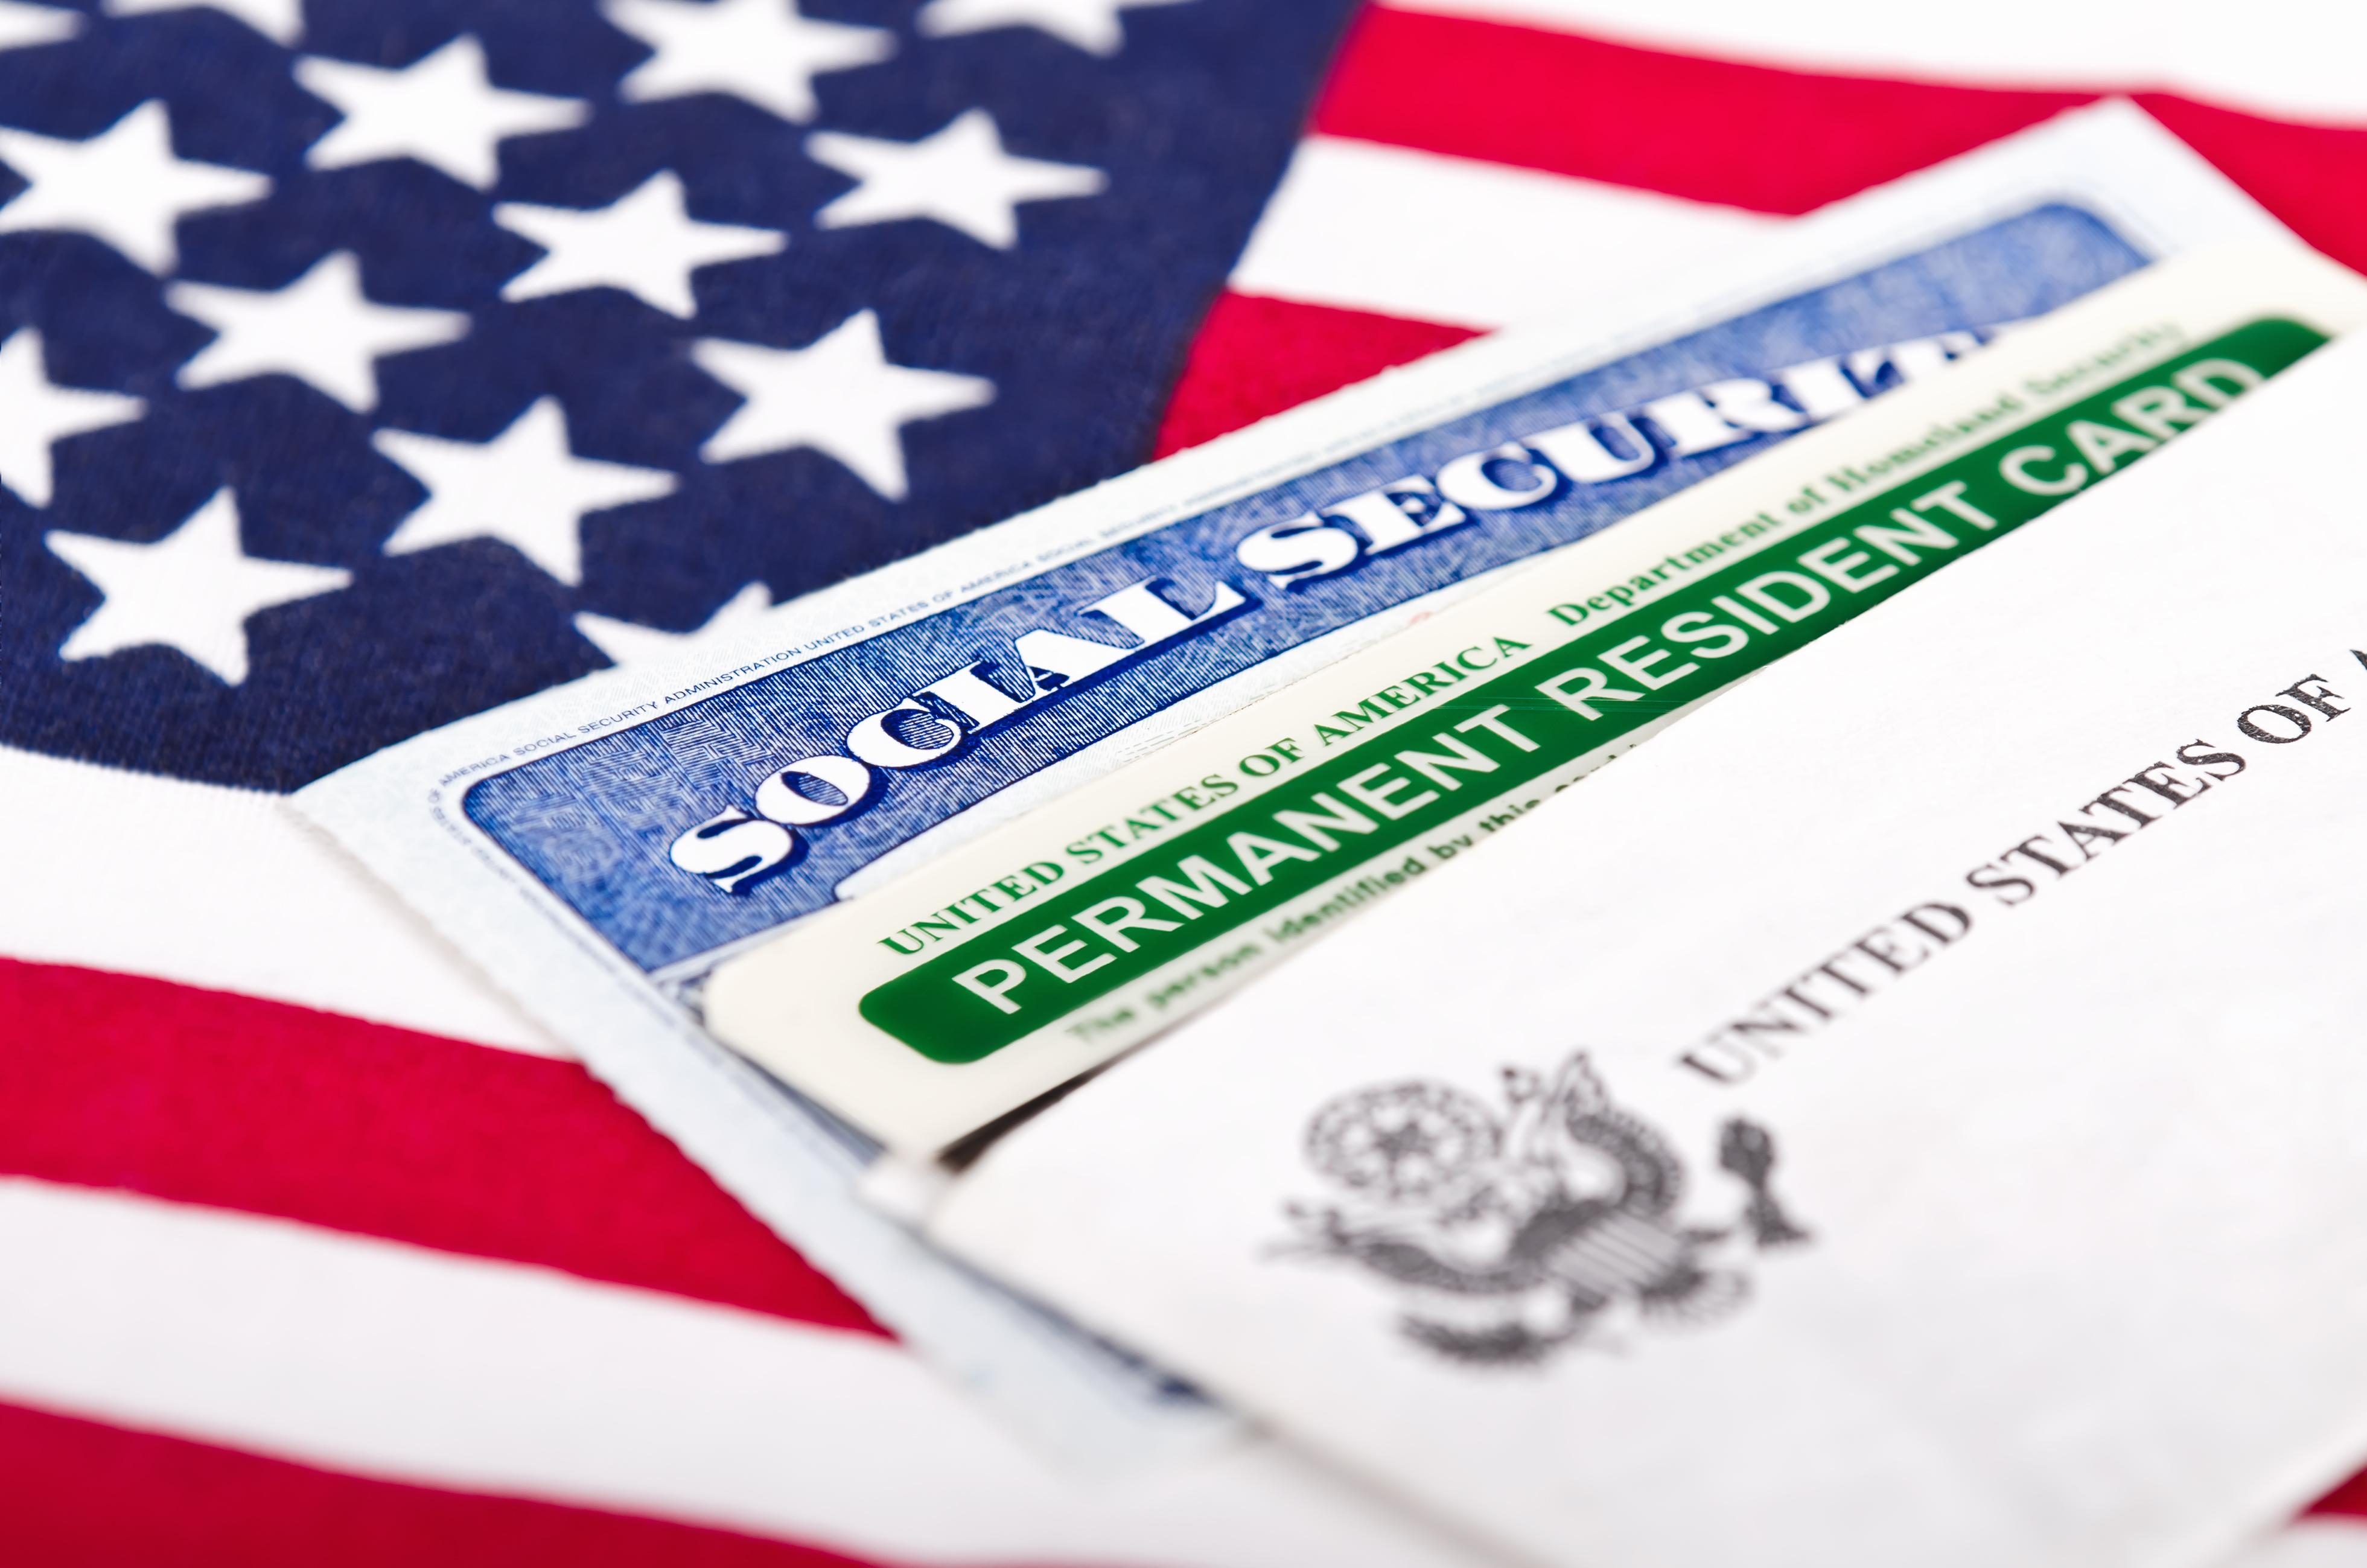 Foto24 Green Card e Seguro Social  Mudança nas regras impactará imigrantes legais que solicitam green cards